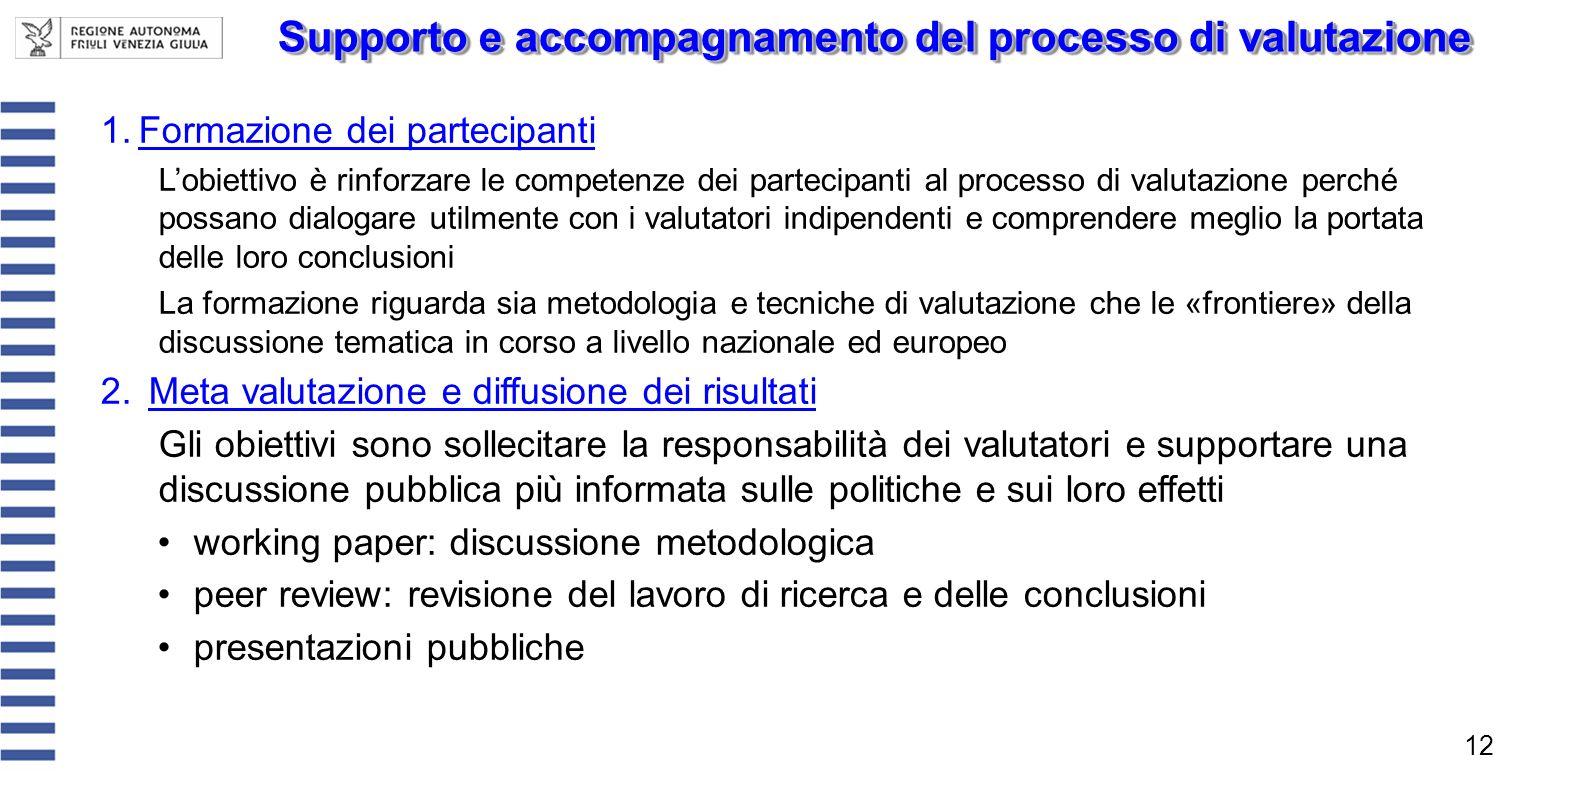 1.Formazione dei partecipanti Lobiettivo è rinforzare le competenze dei partecipanti al processo di valutazione perché possano dialogare utilmente con